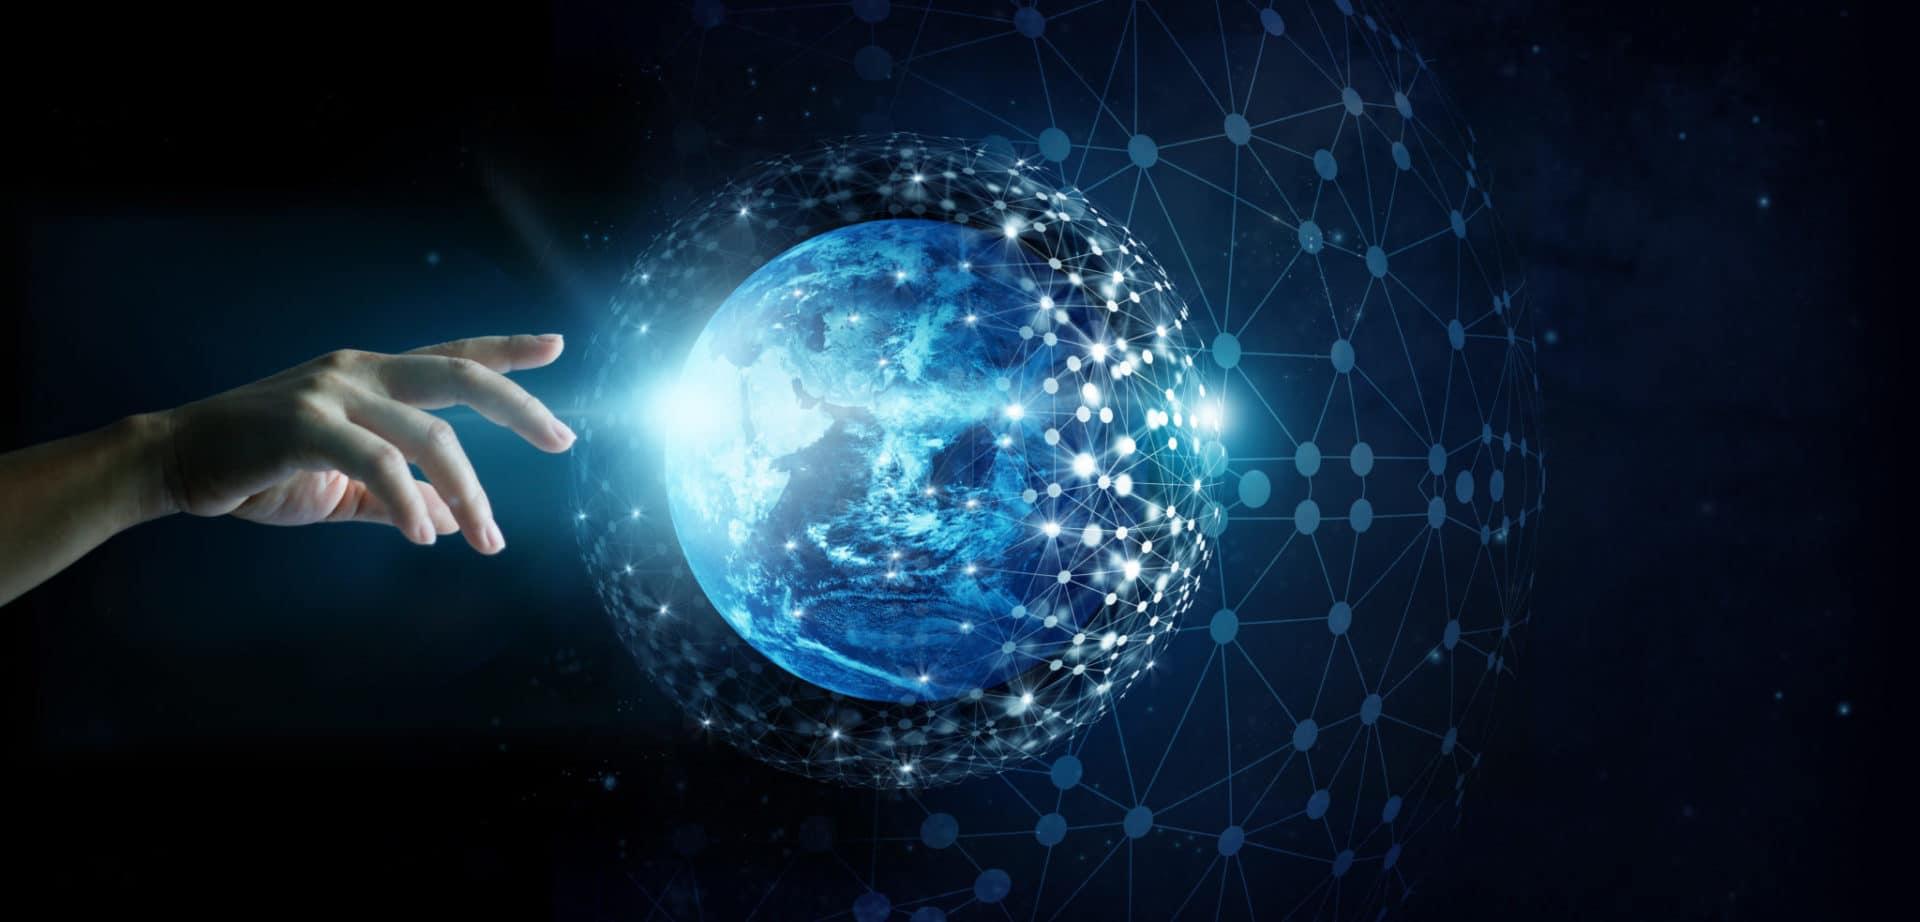 La voyance et les nouvelles technologies